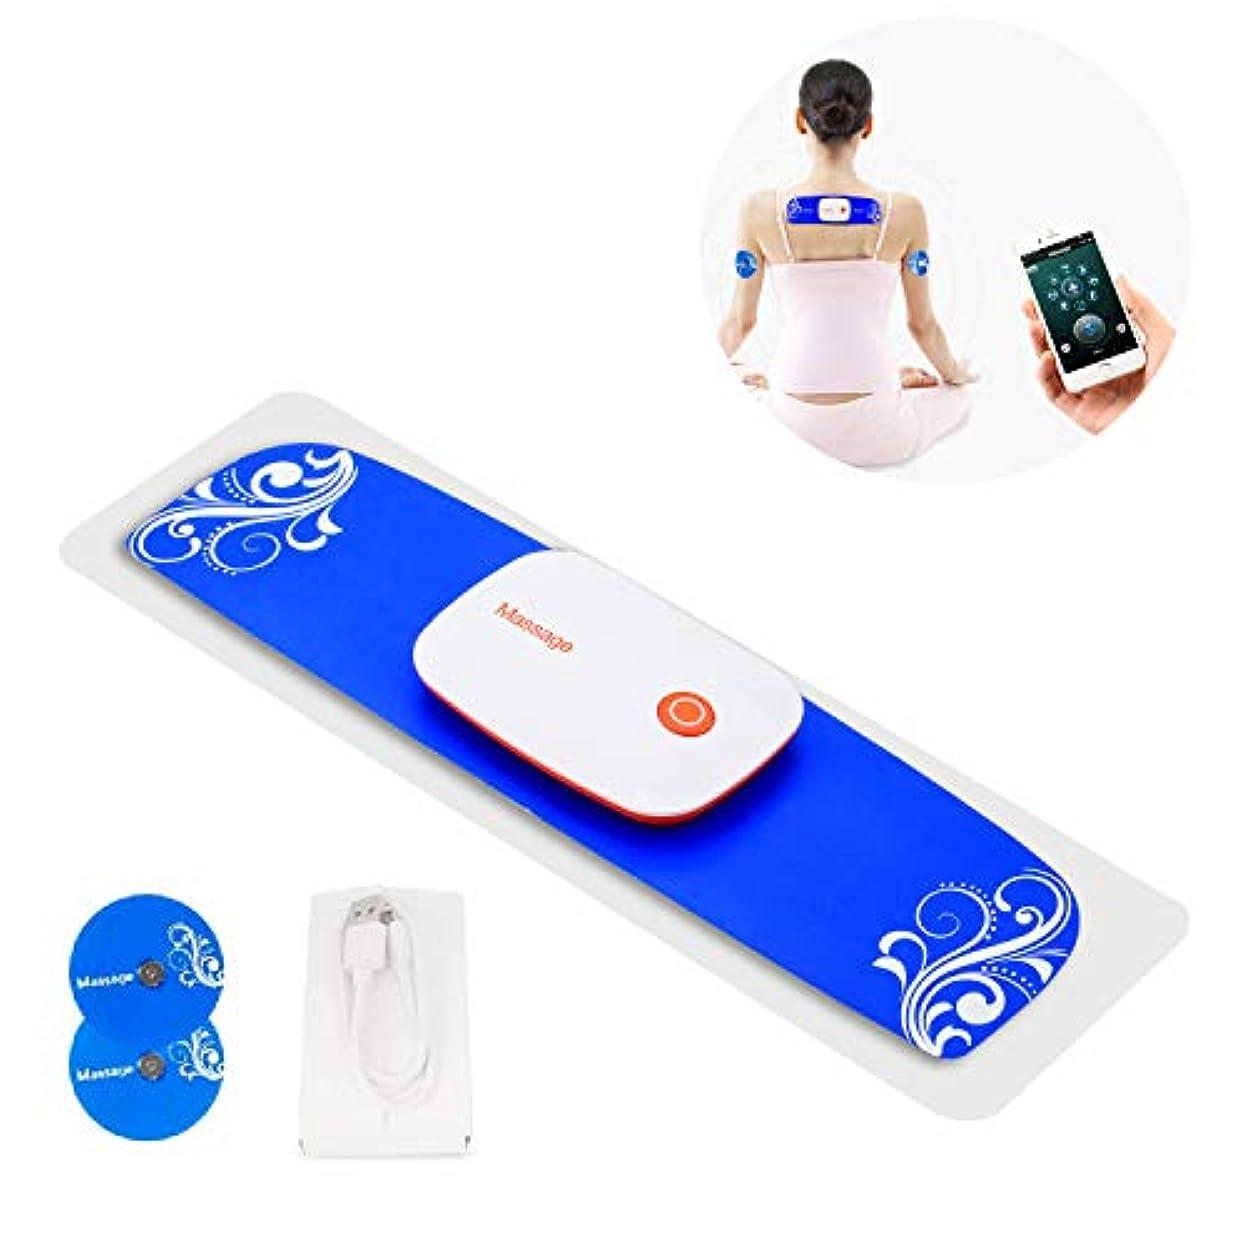 キャプテンの間に毎月ミニマッサージャースマートAPPワイヤレスUSB充電式小型家庭用デジタル経絡ポータブルミニ子宮頸部マッサージの家庭用手順